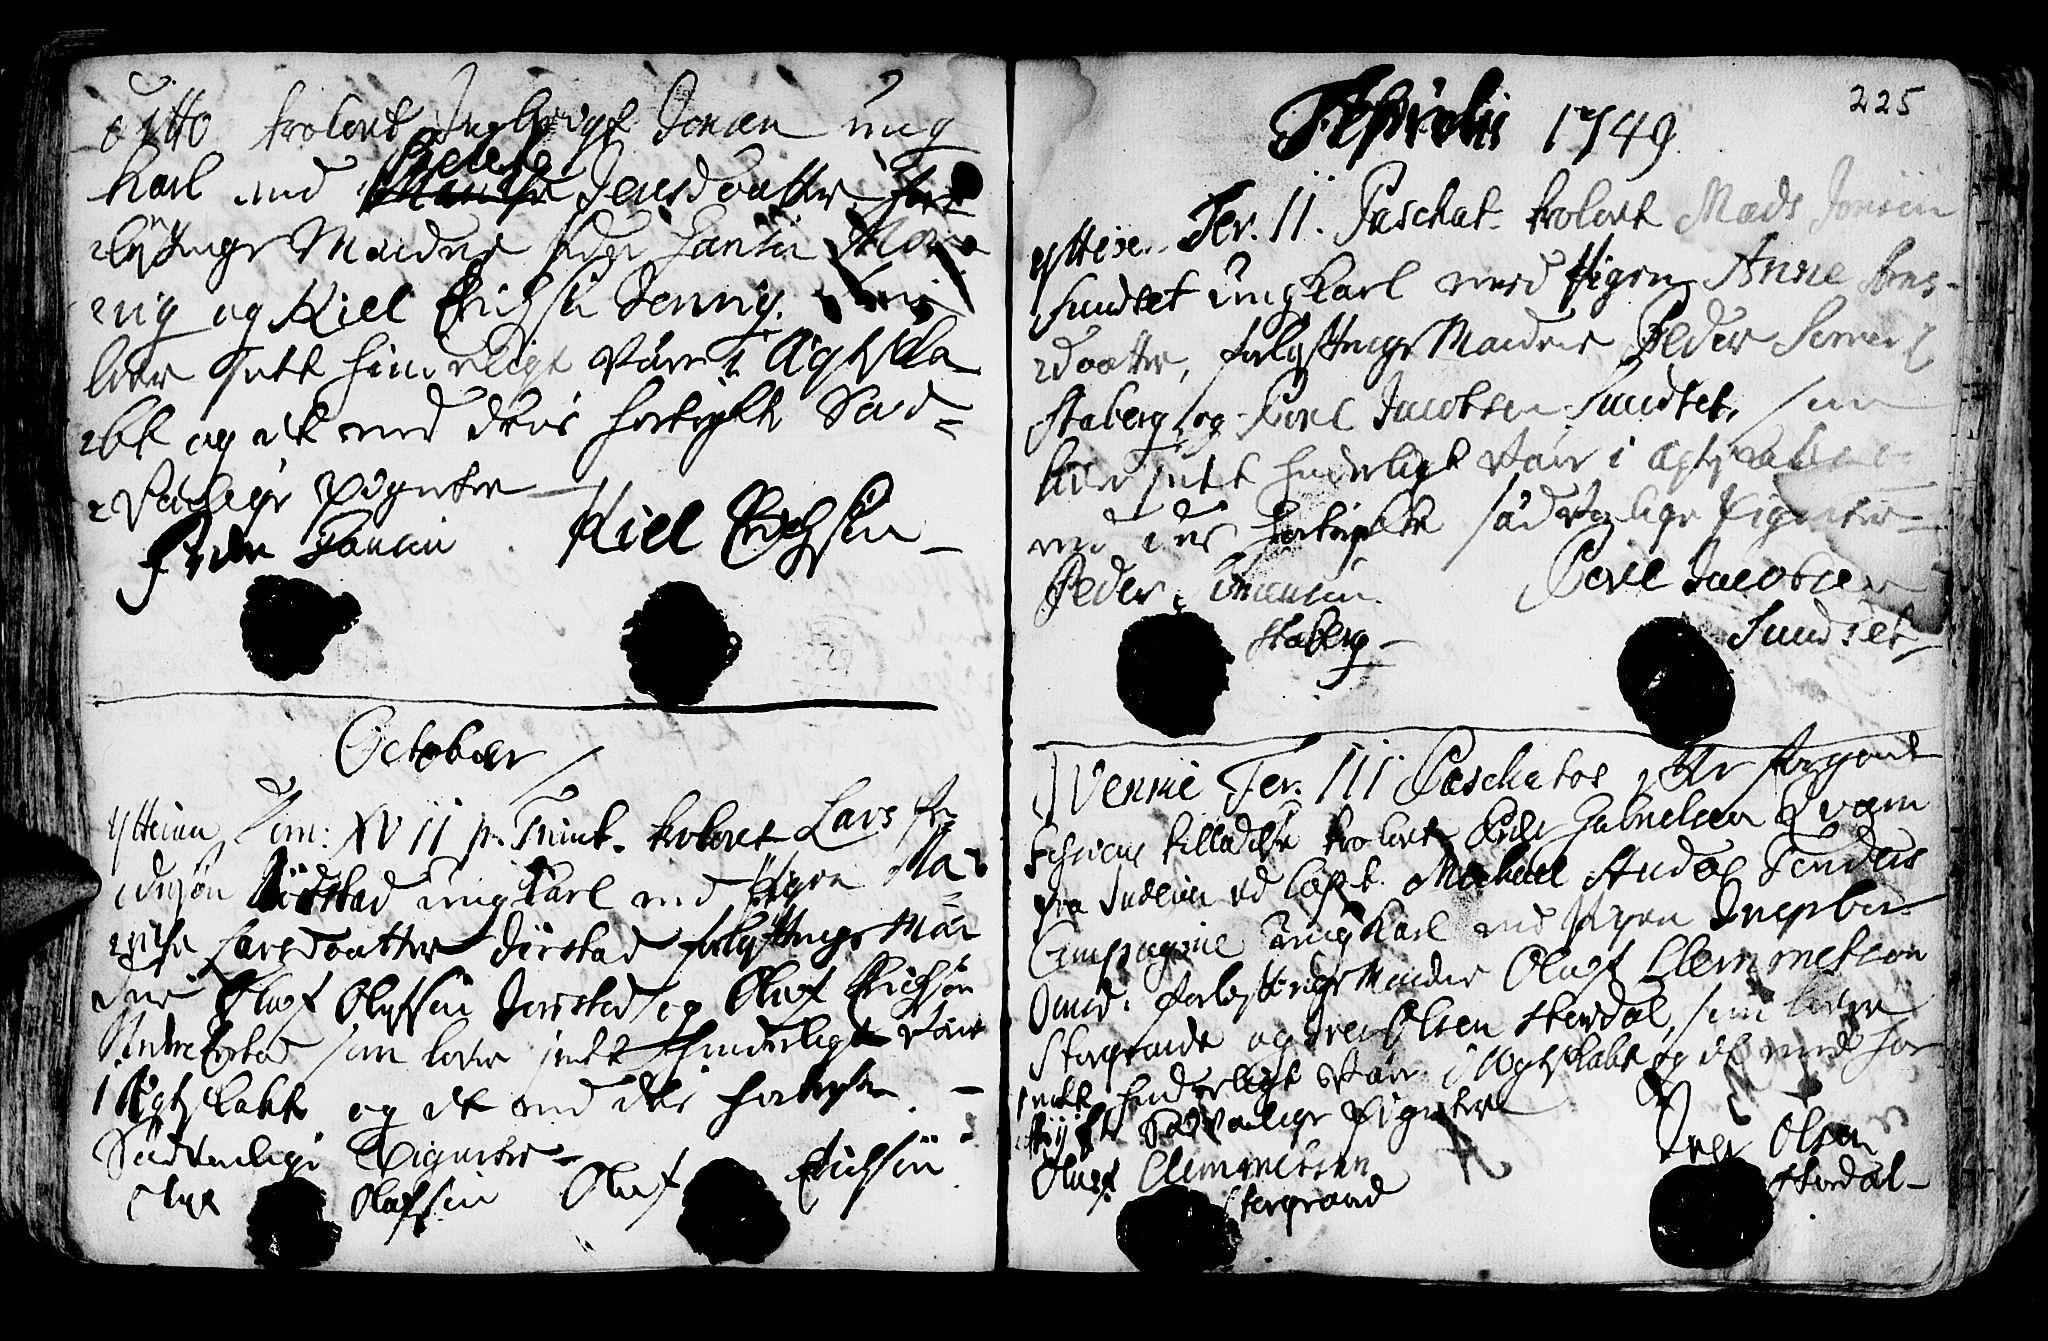 SAT, Ministerialprotokoller, klokkerbøker og fødselsregistre - Nord-Trøndelag, 722/L0215: Ministerialbok nr. 722A02, 1718-1755, s. 225